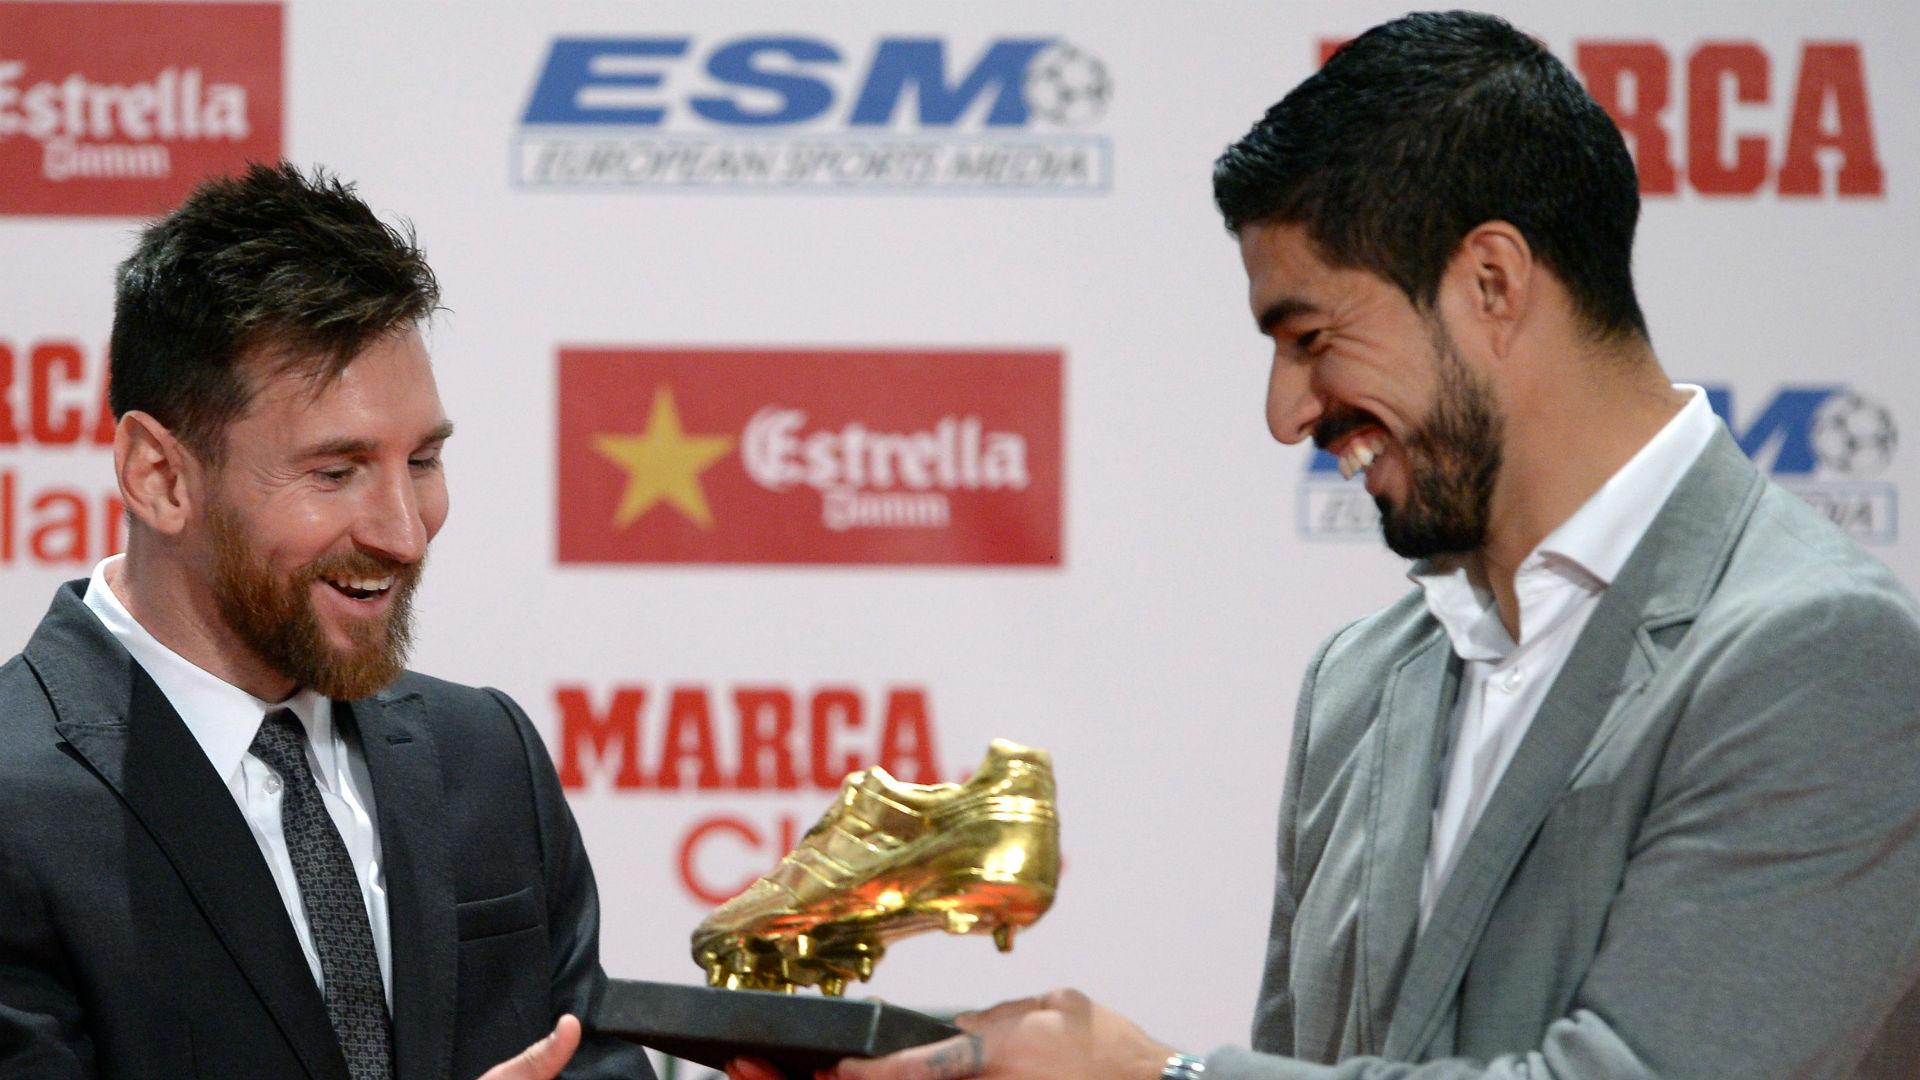 Lionel Messi Luis Suarez Golden Shoe